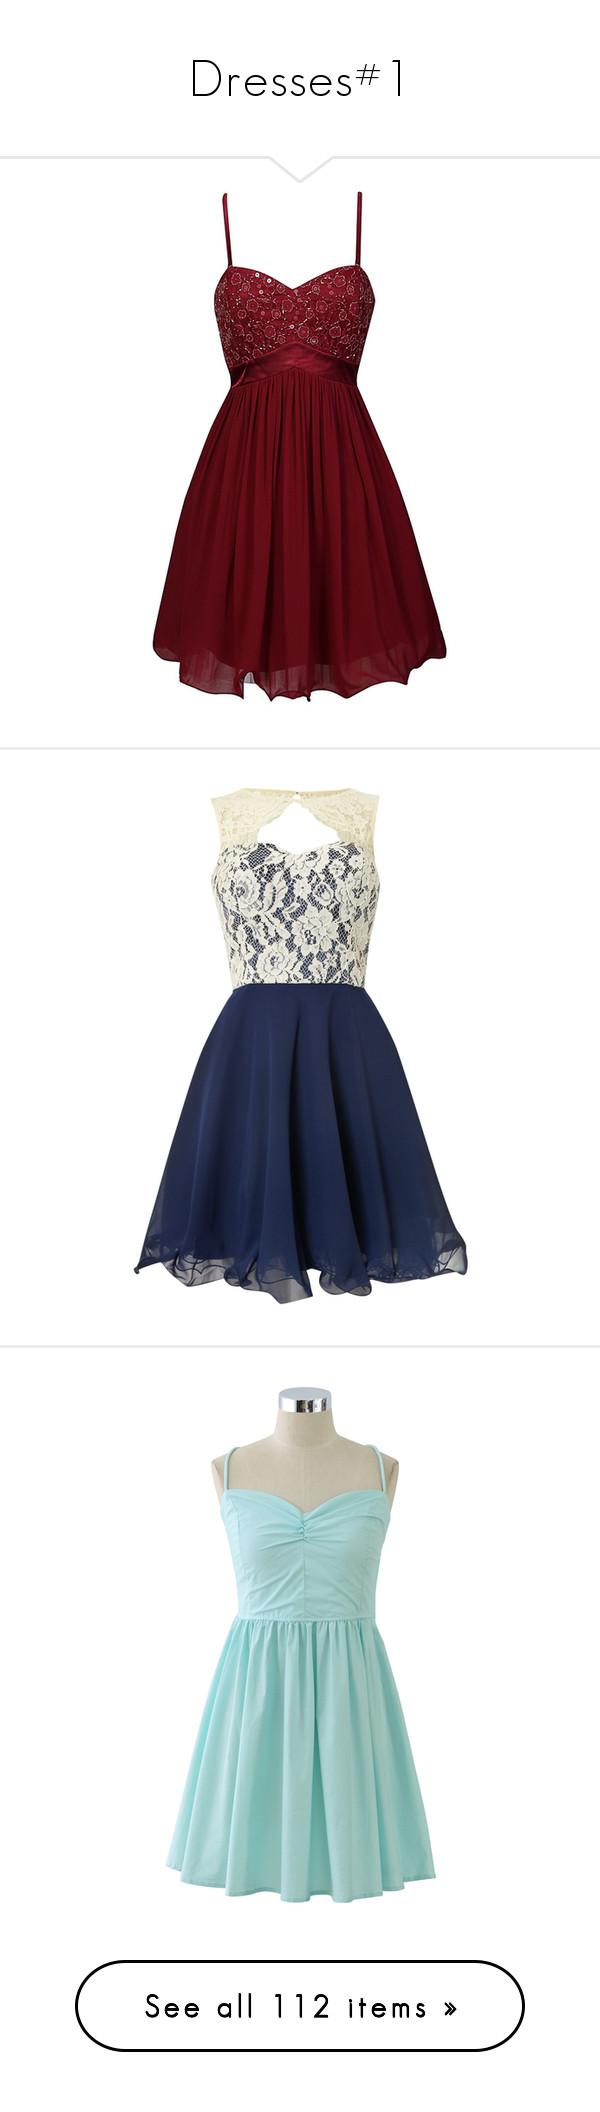 Dresses#1\